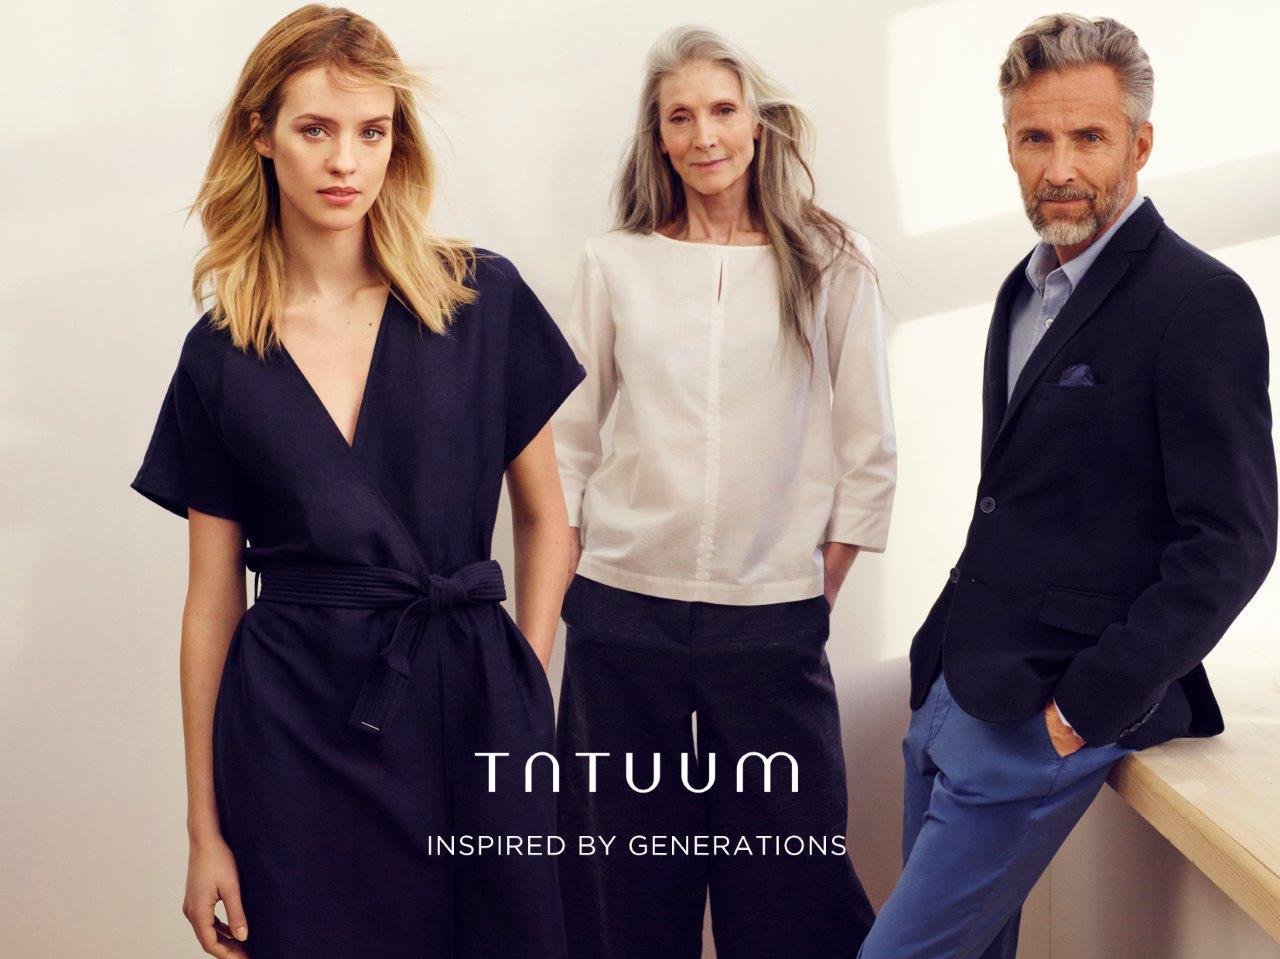 Tatuum Одежда